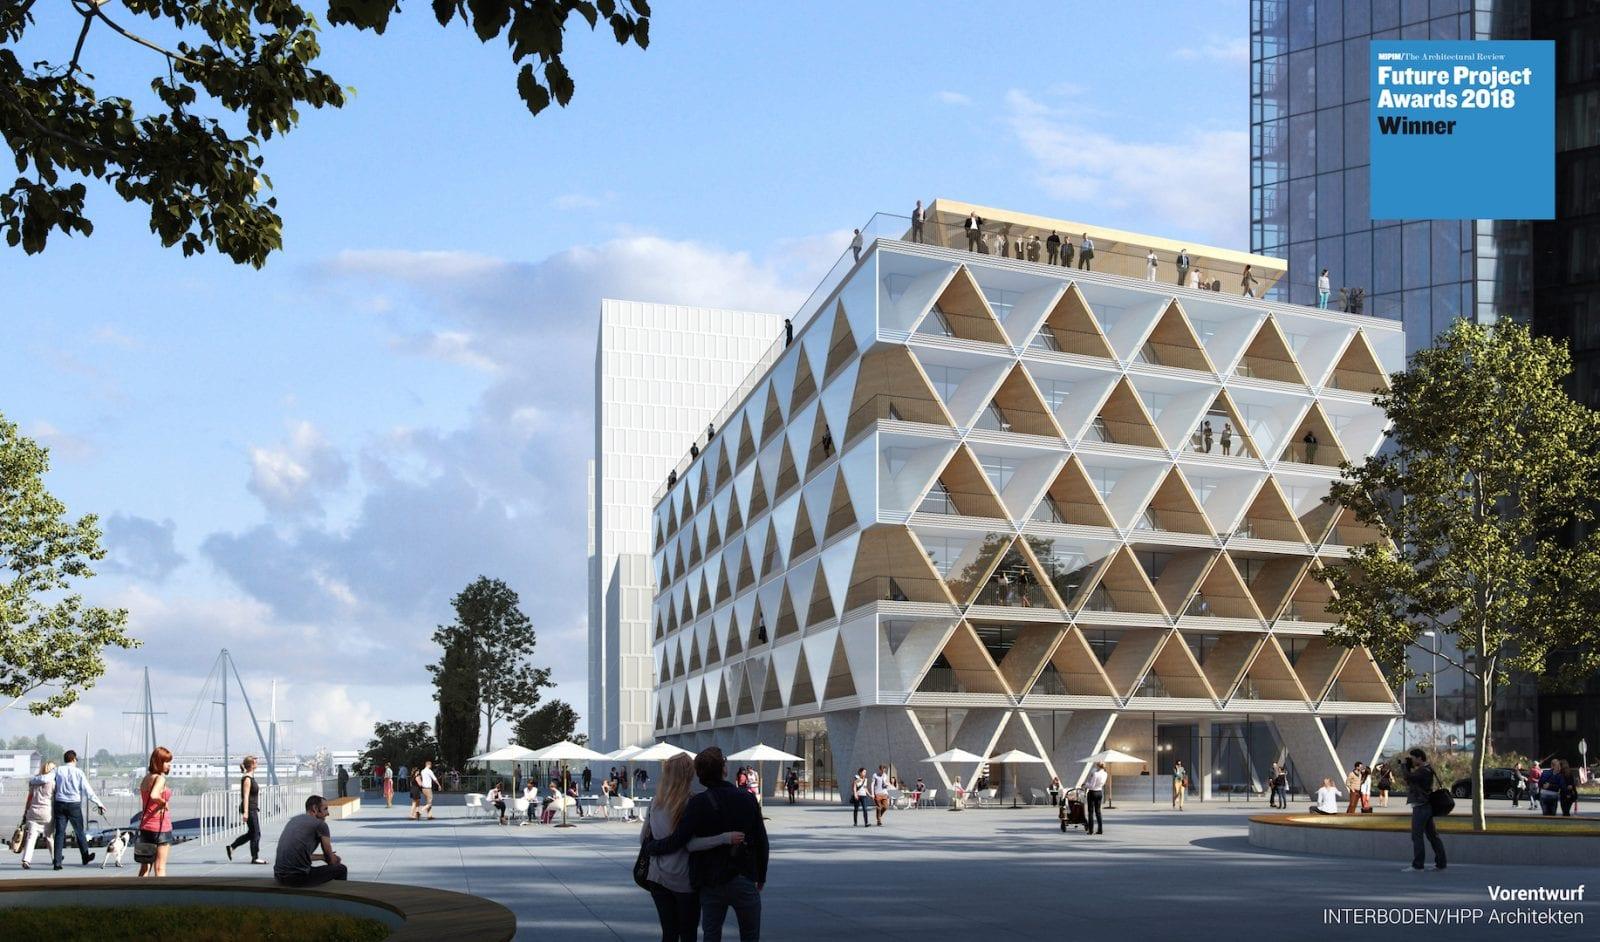 Bürogebäude in Holzhybridbauweise im Medienhafen Düsseldorf (Bild: INTERBODEN / HPP Architekten)